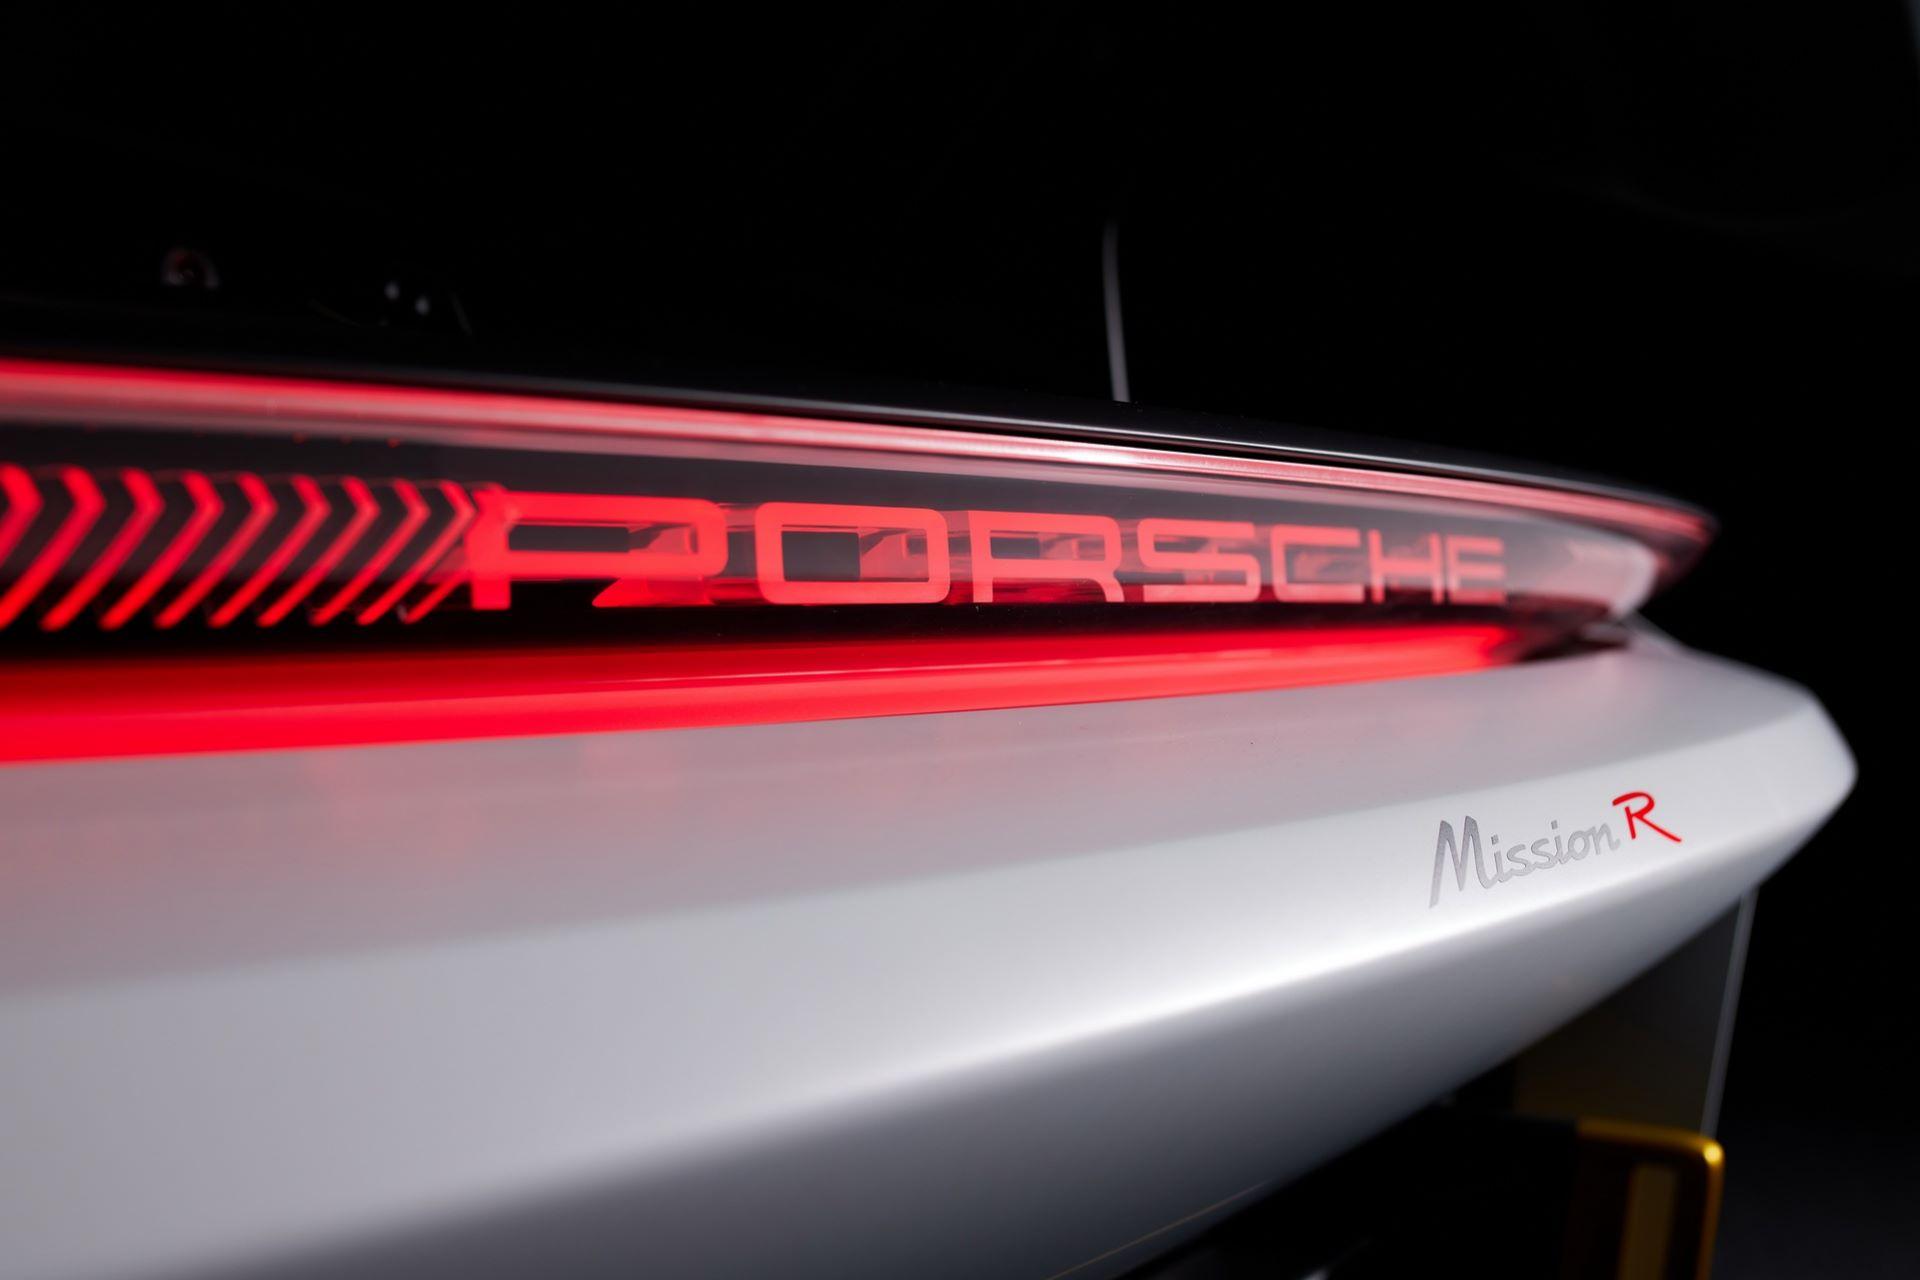 Porsche-Mission-R-concept-43